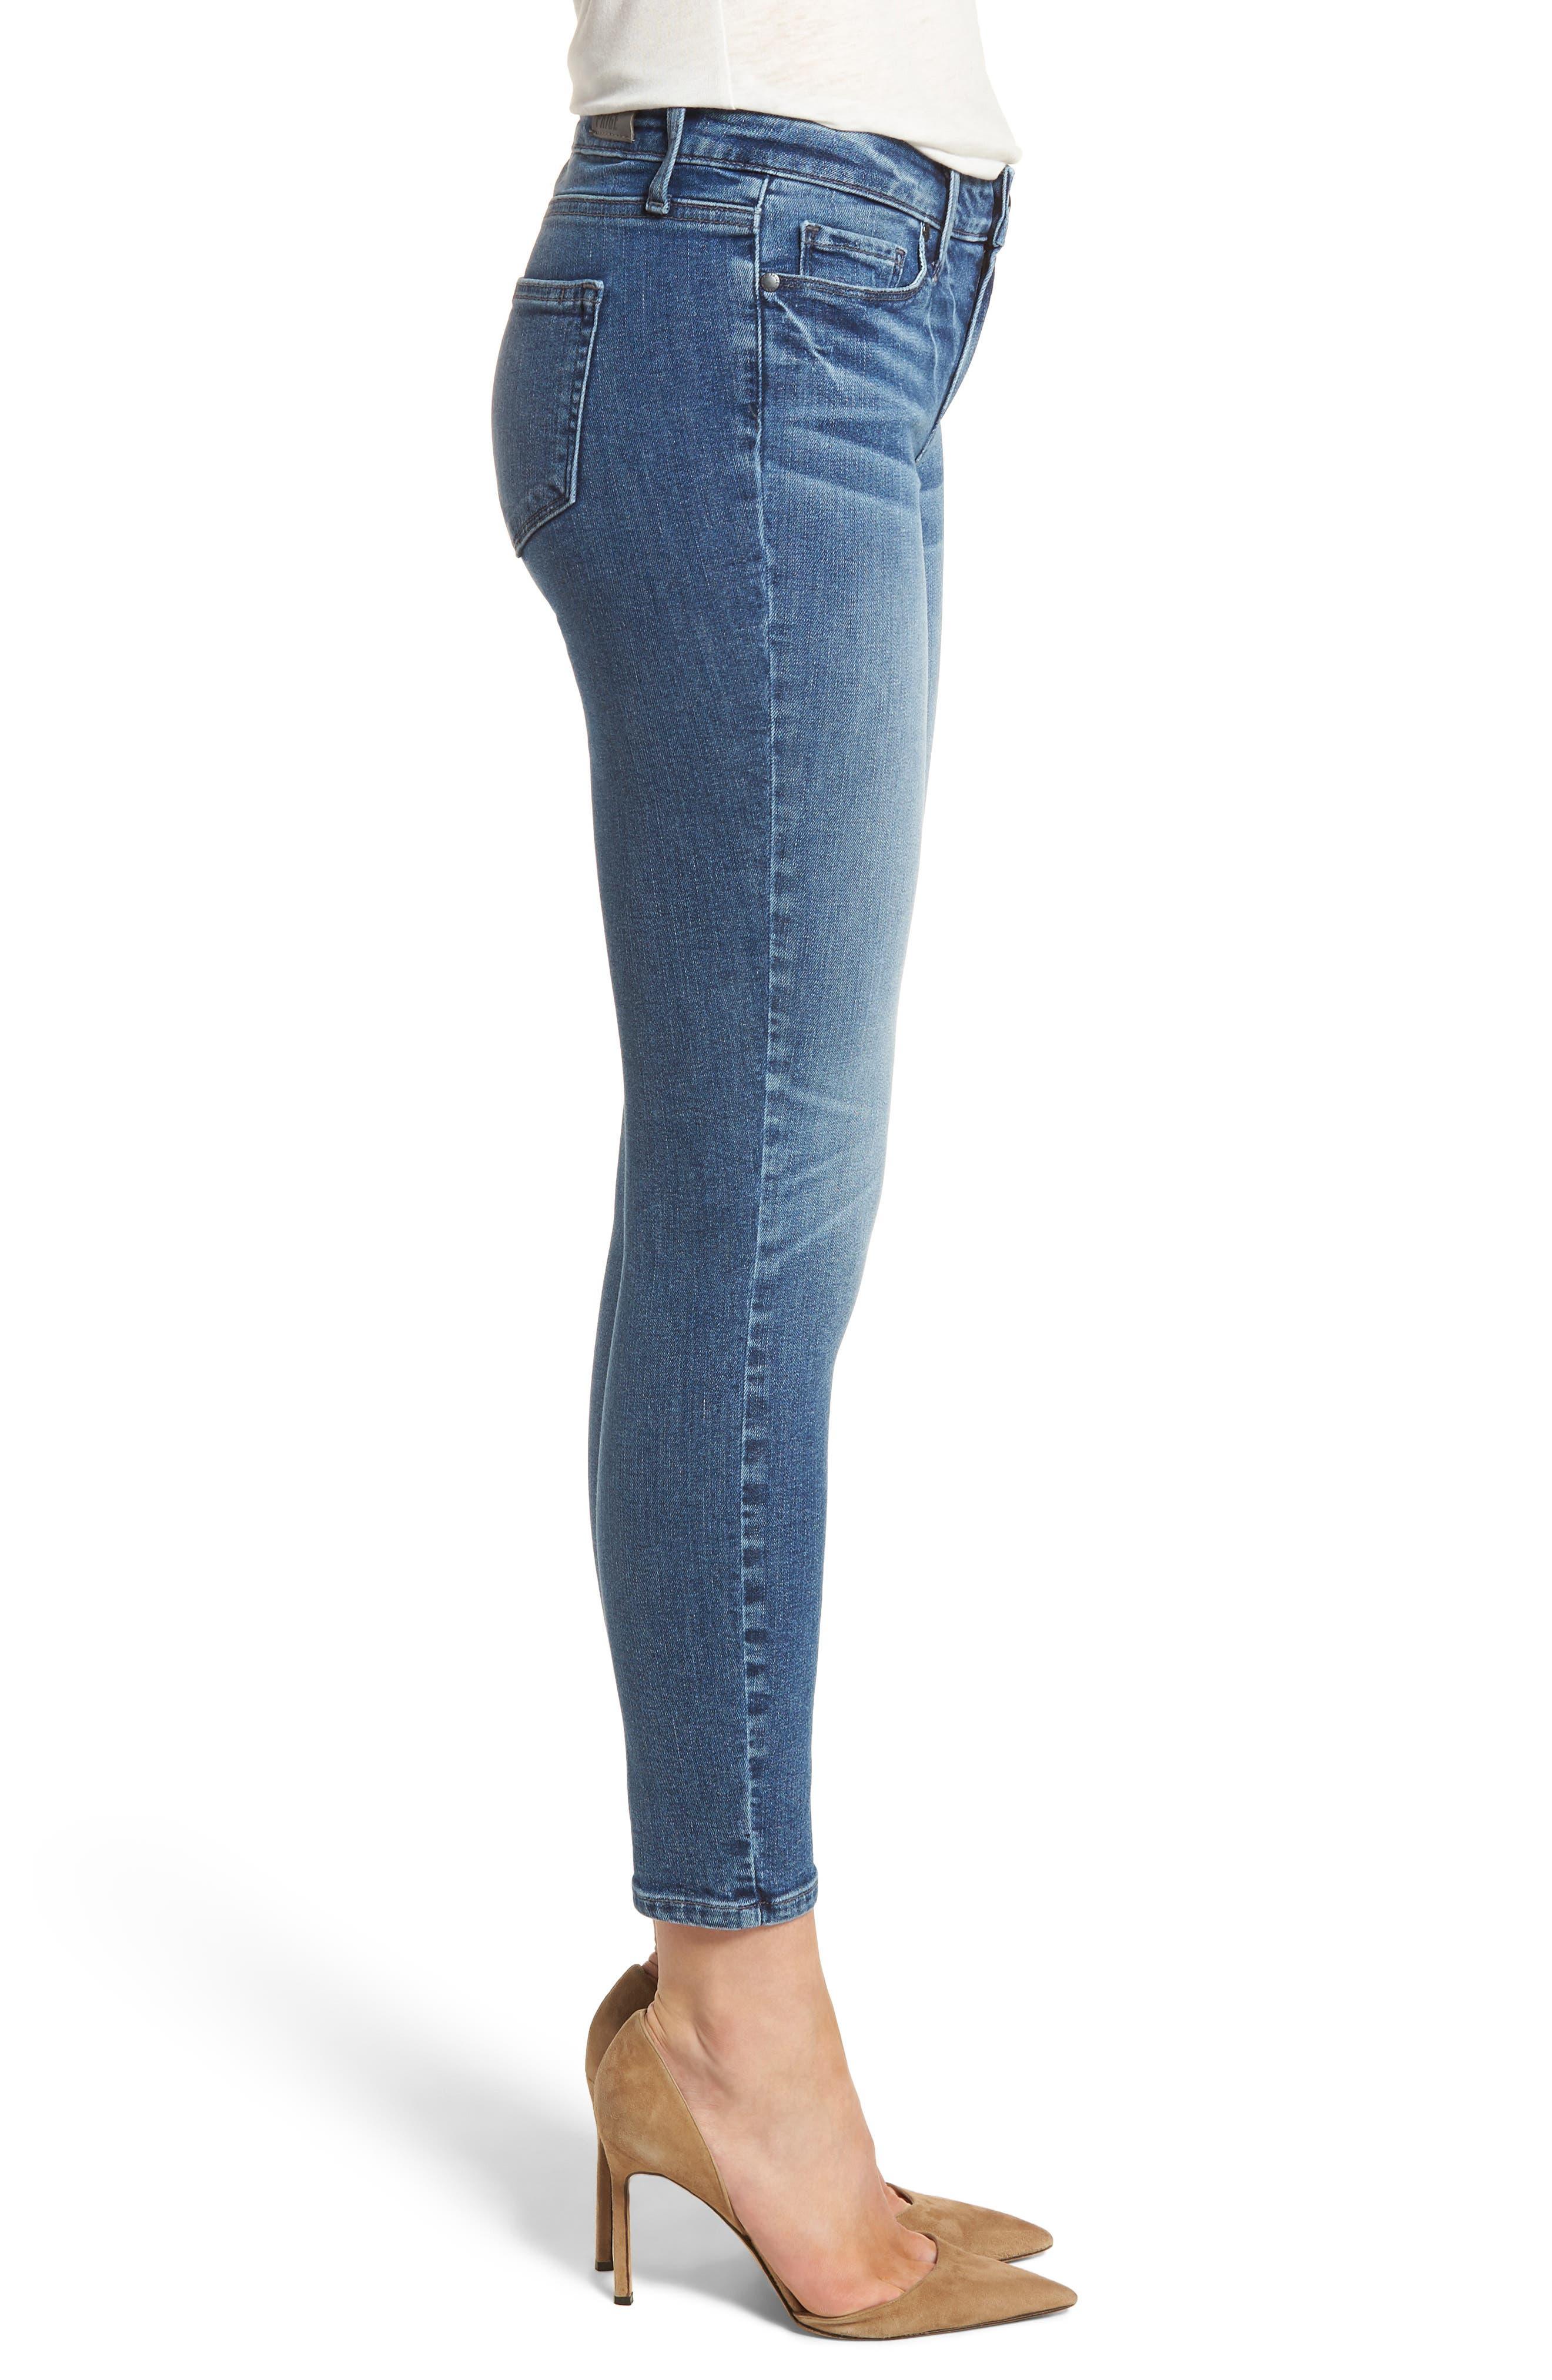 Transcend Vintage - Verdugo Crop Ultra Skinny Jeans,                             Alternate thumbnail 3, color,                             400